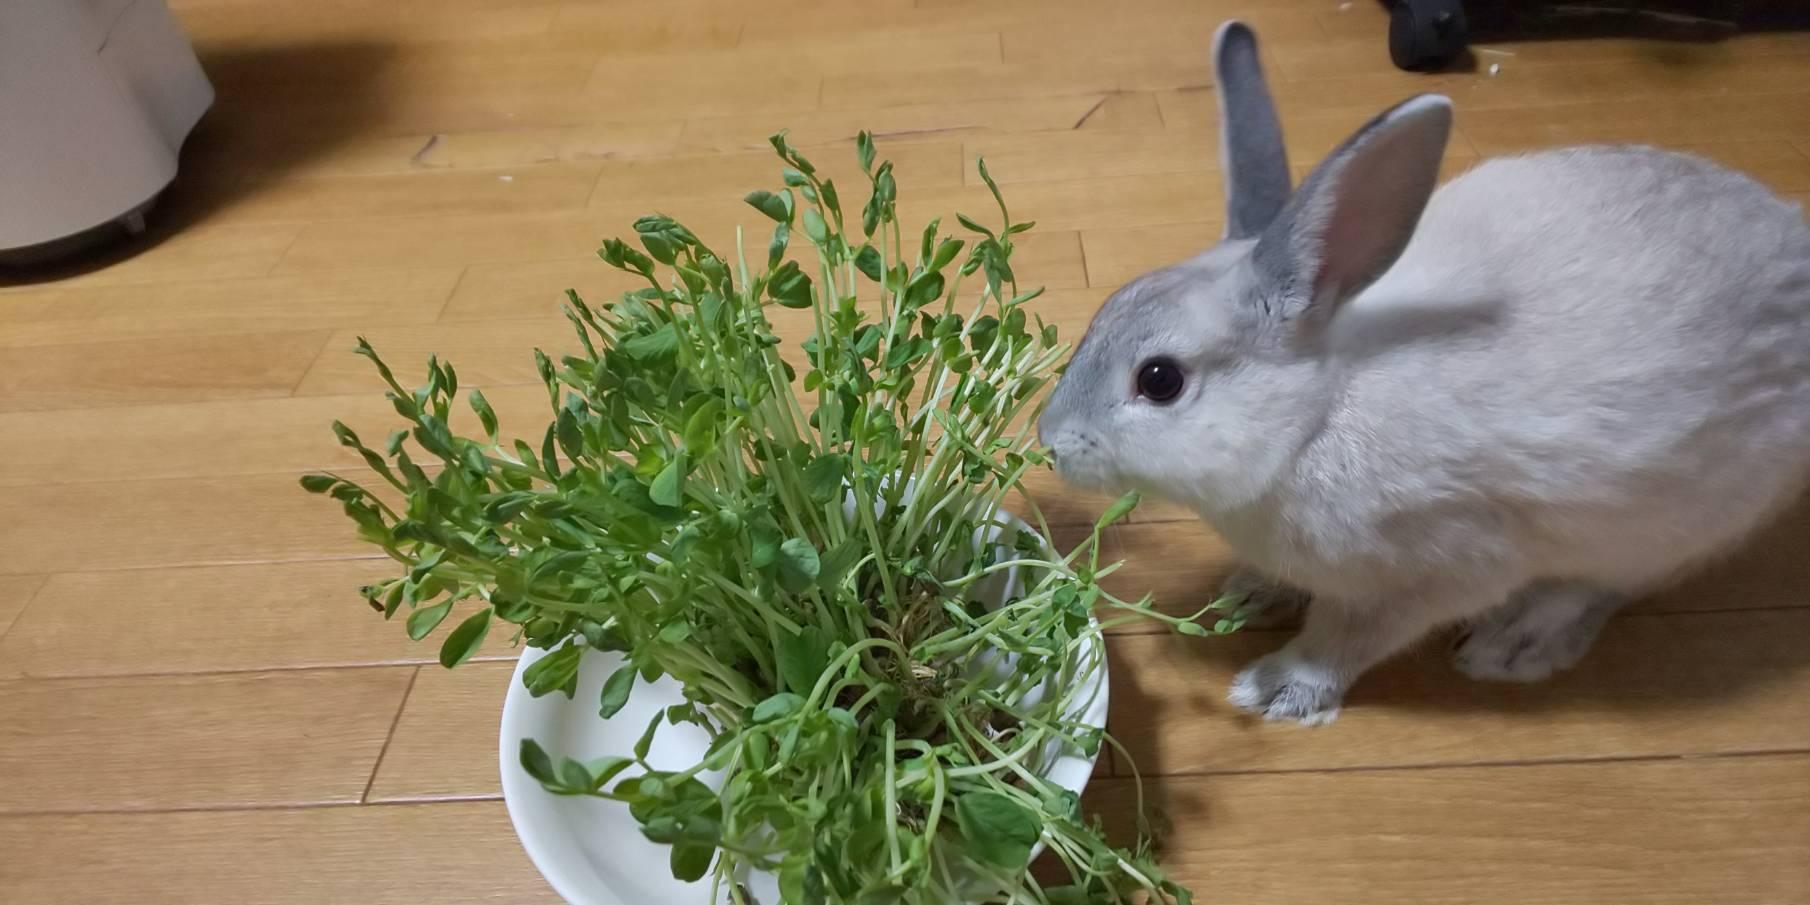 ウサギとラットと豆苗日記! 4日目